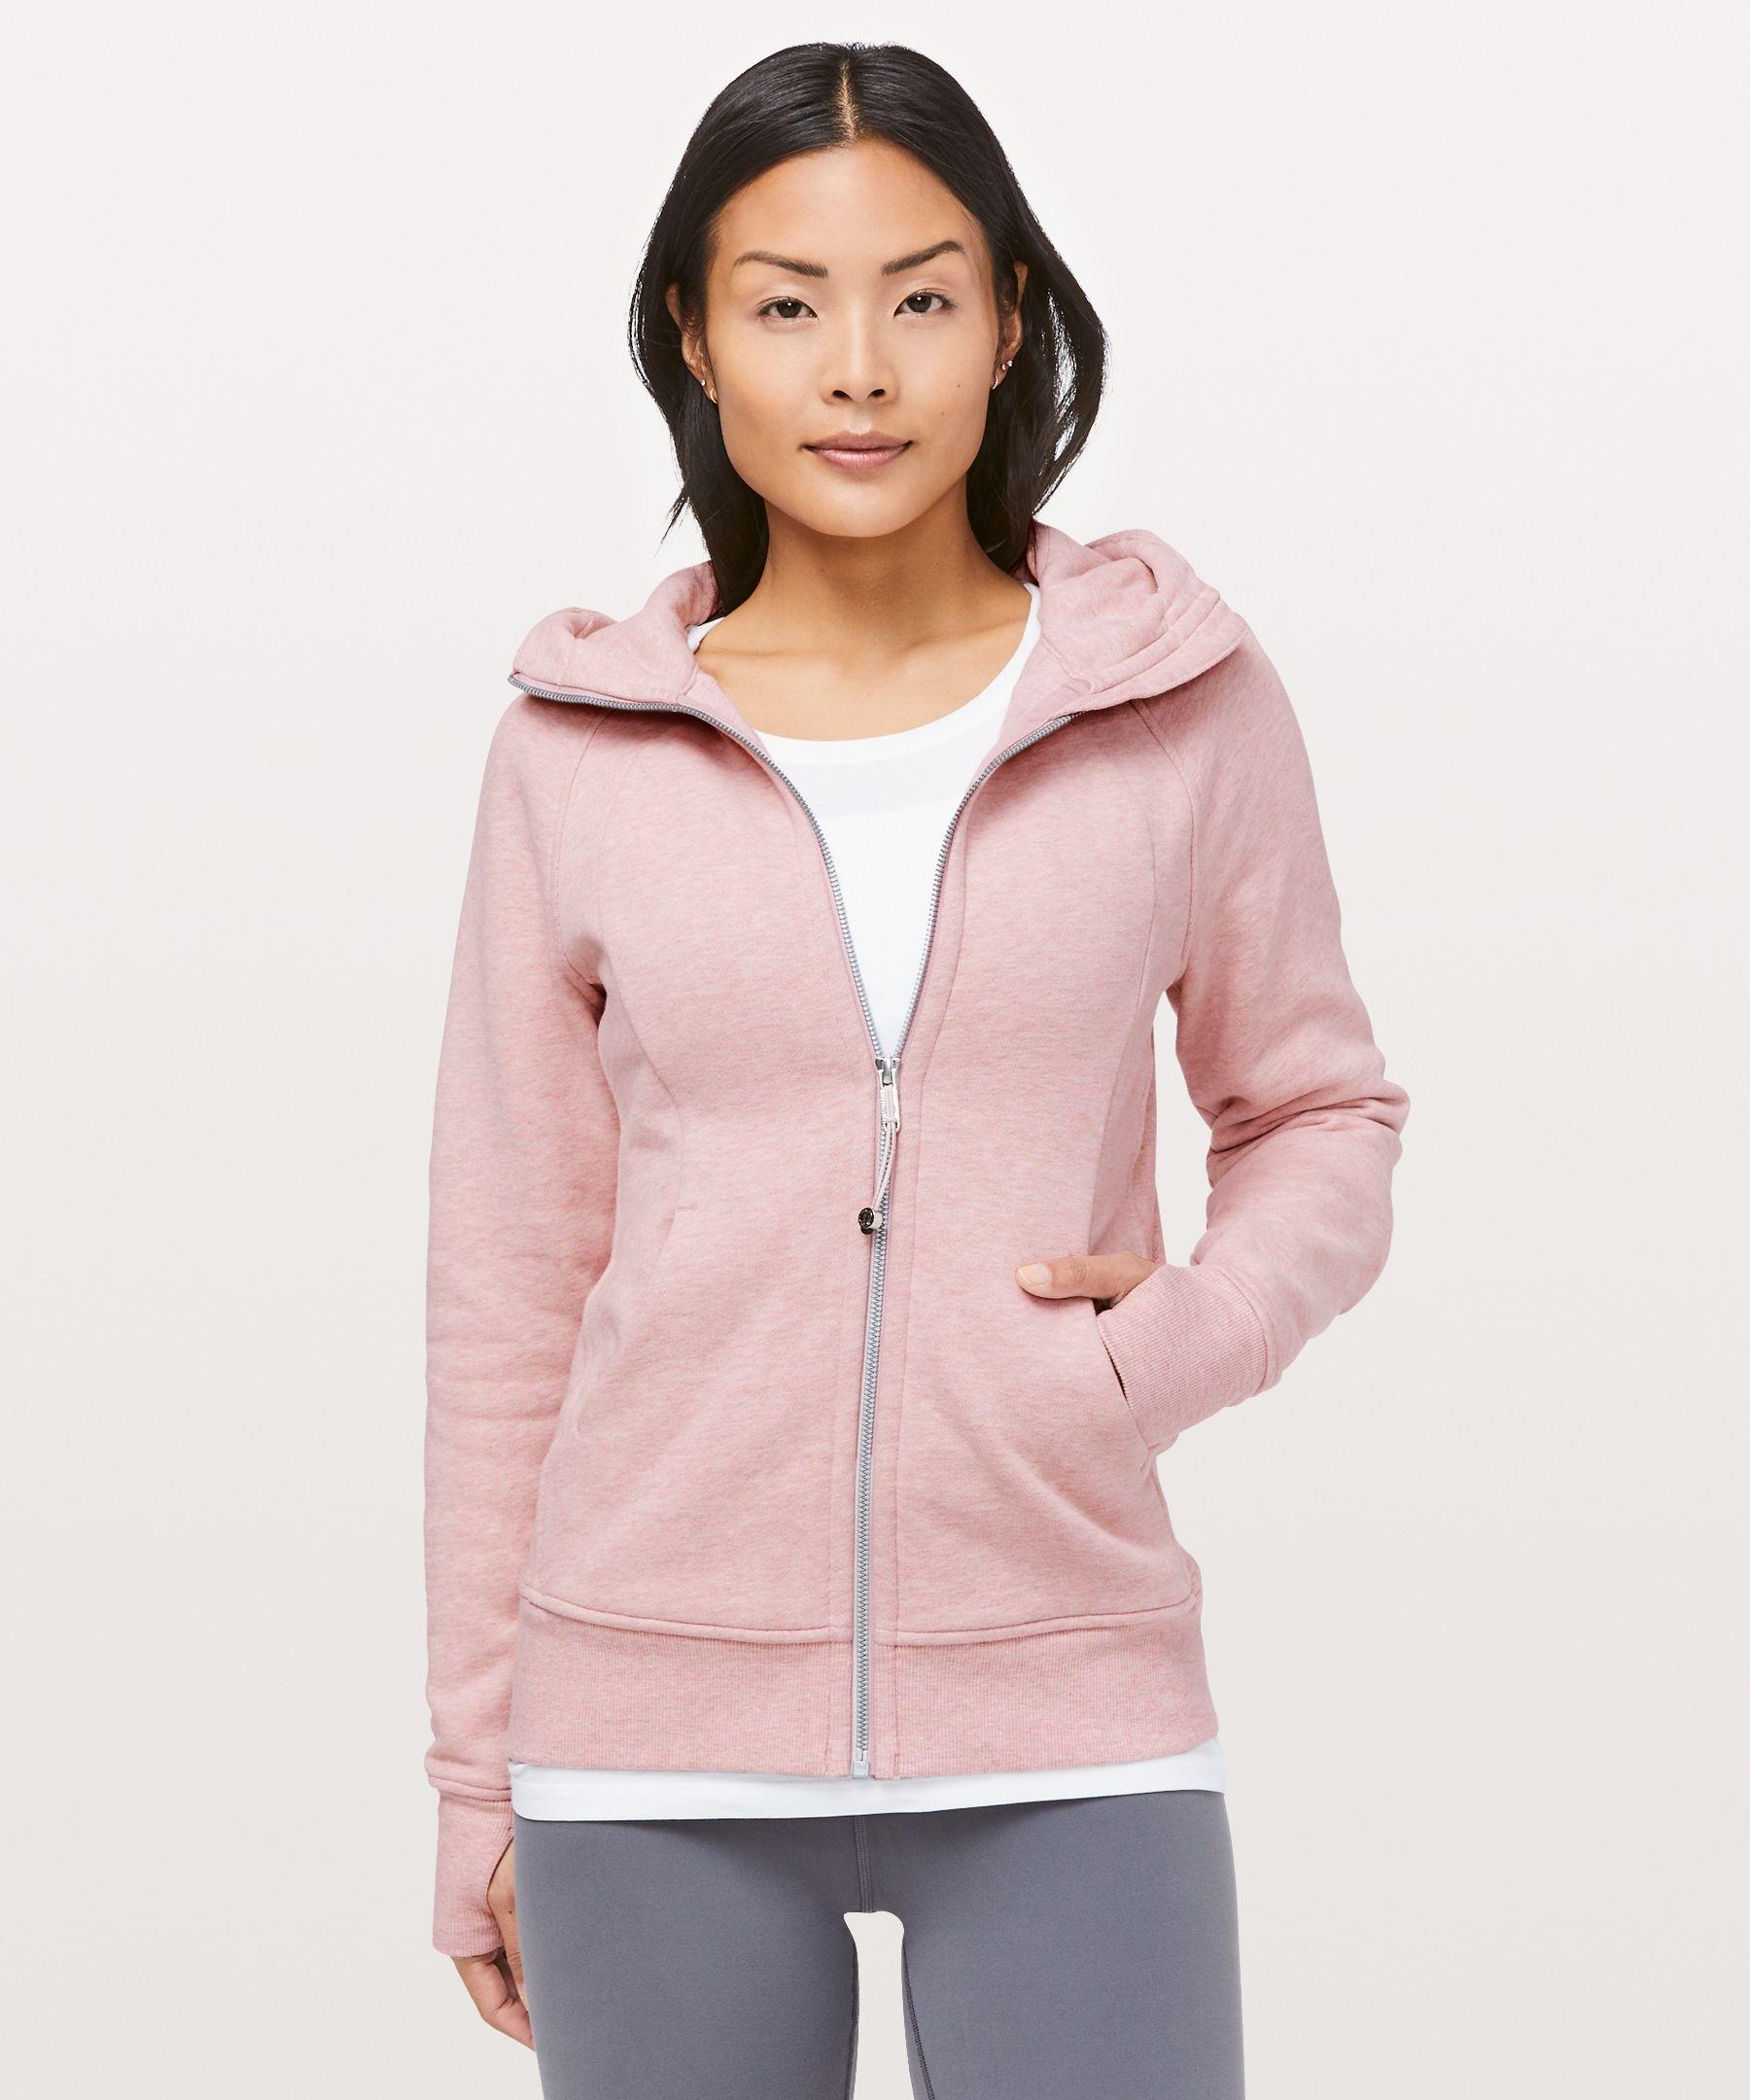 47++ Womens lightweight zip hoodie ideas